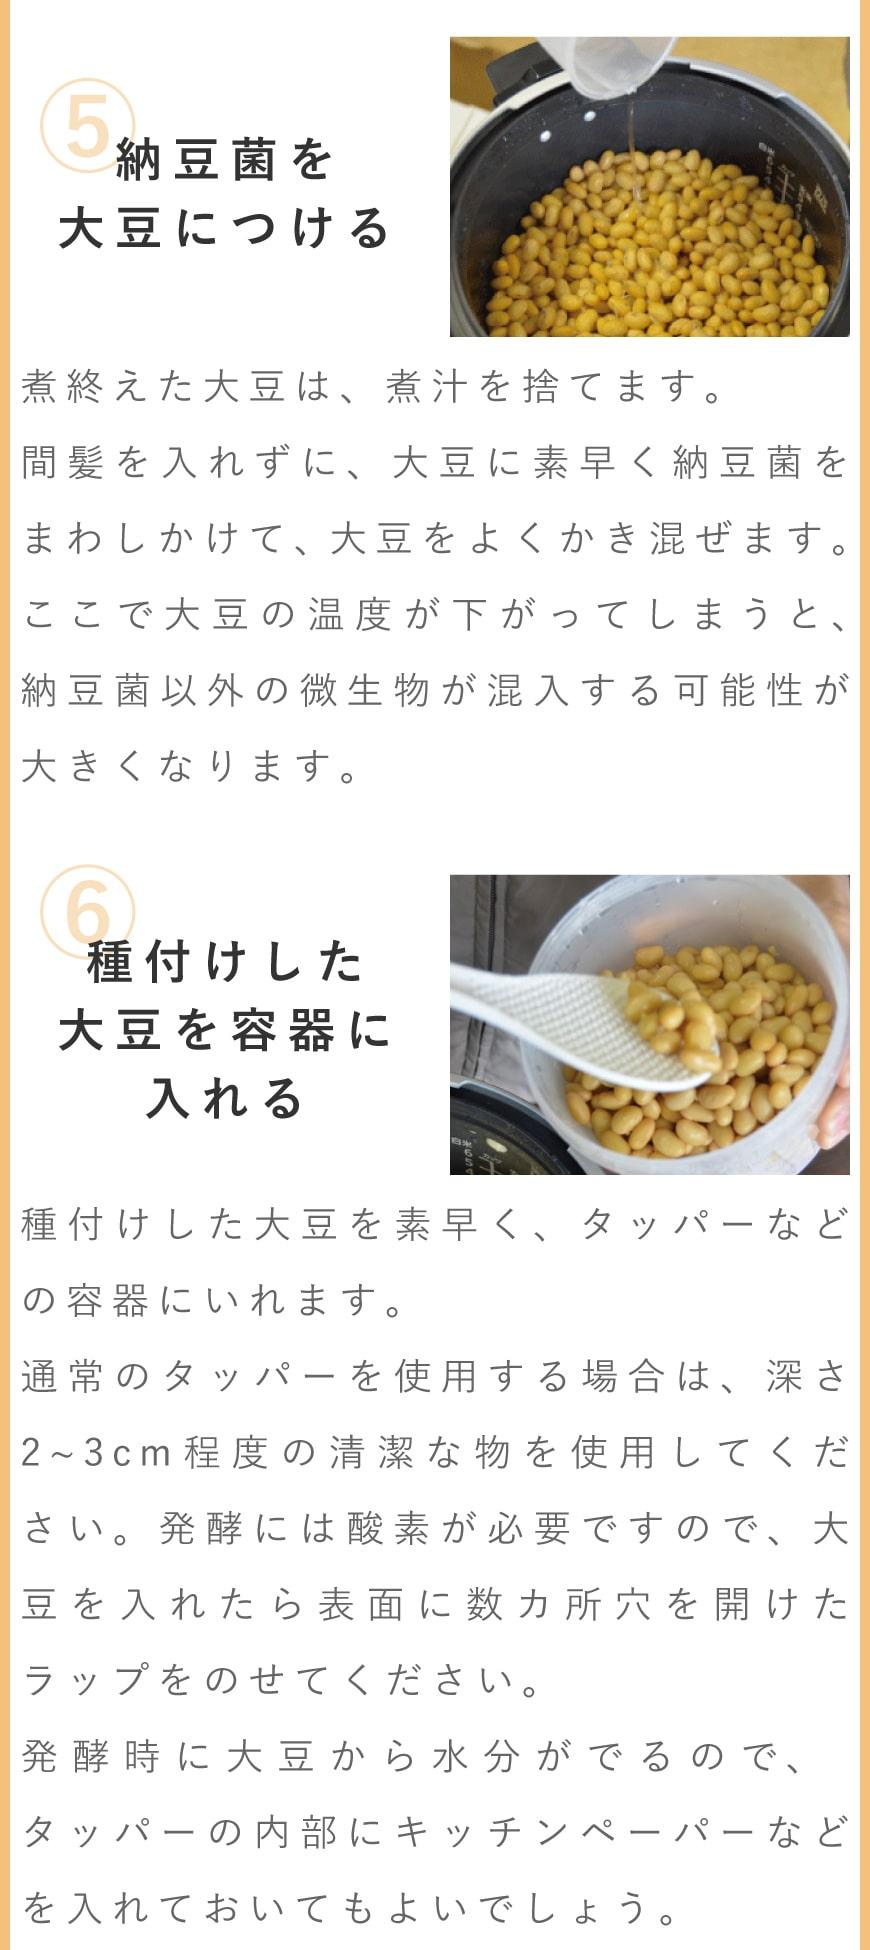 納豆の作り方4